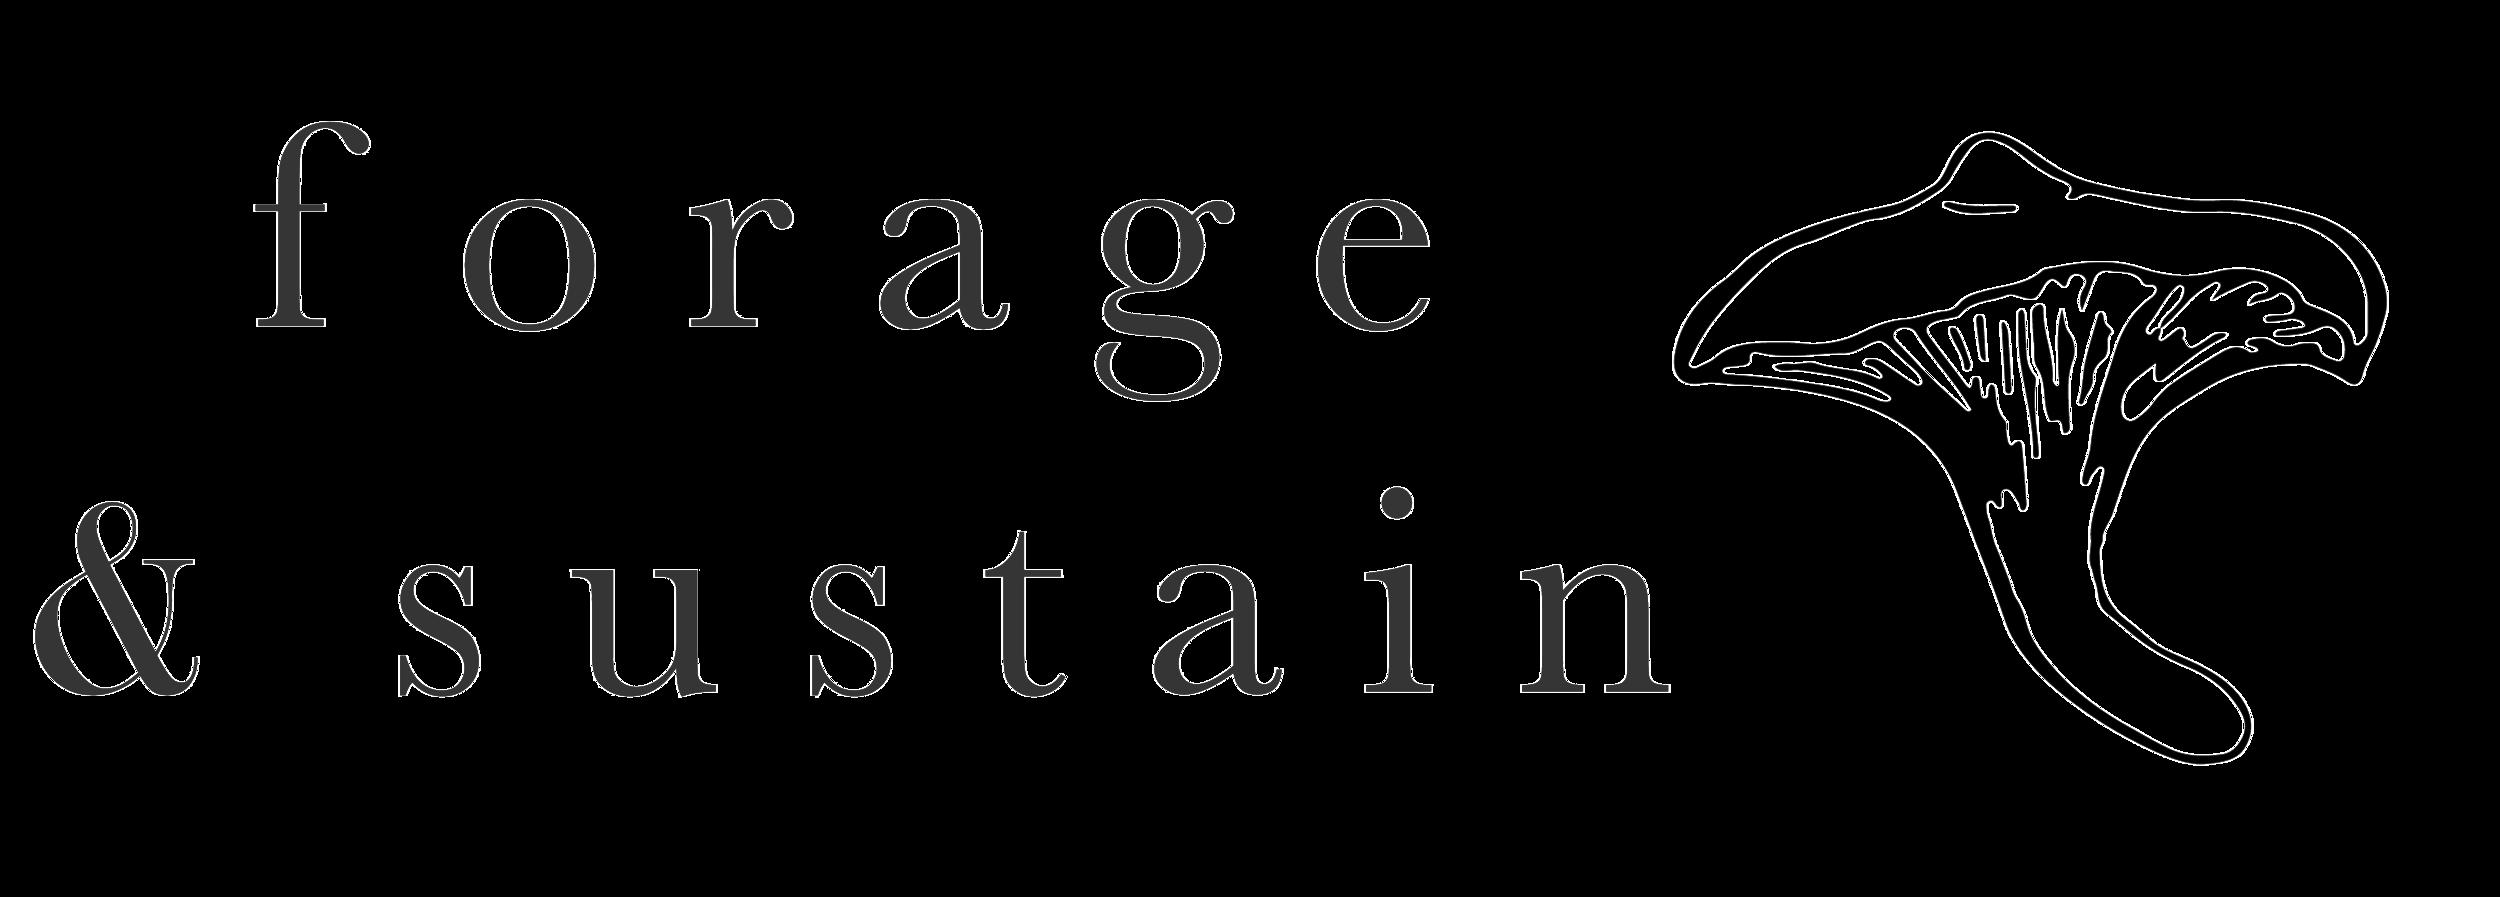 Forage&Sustain